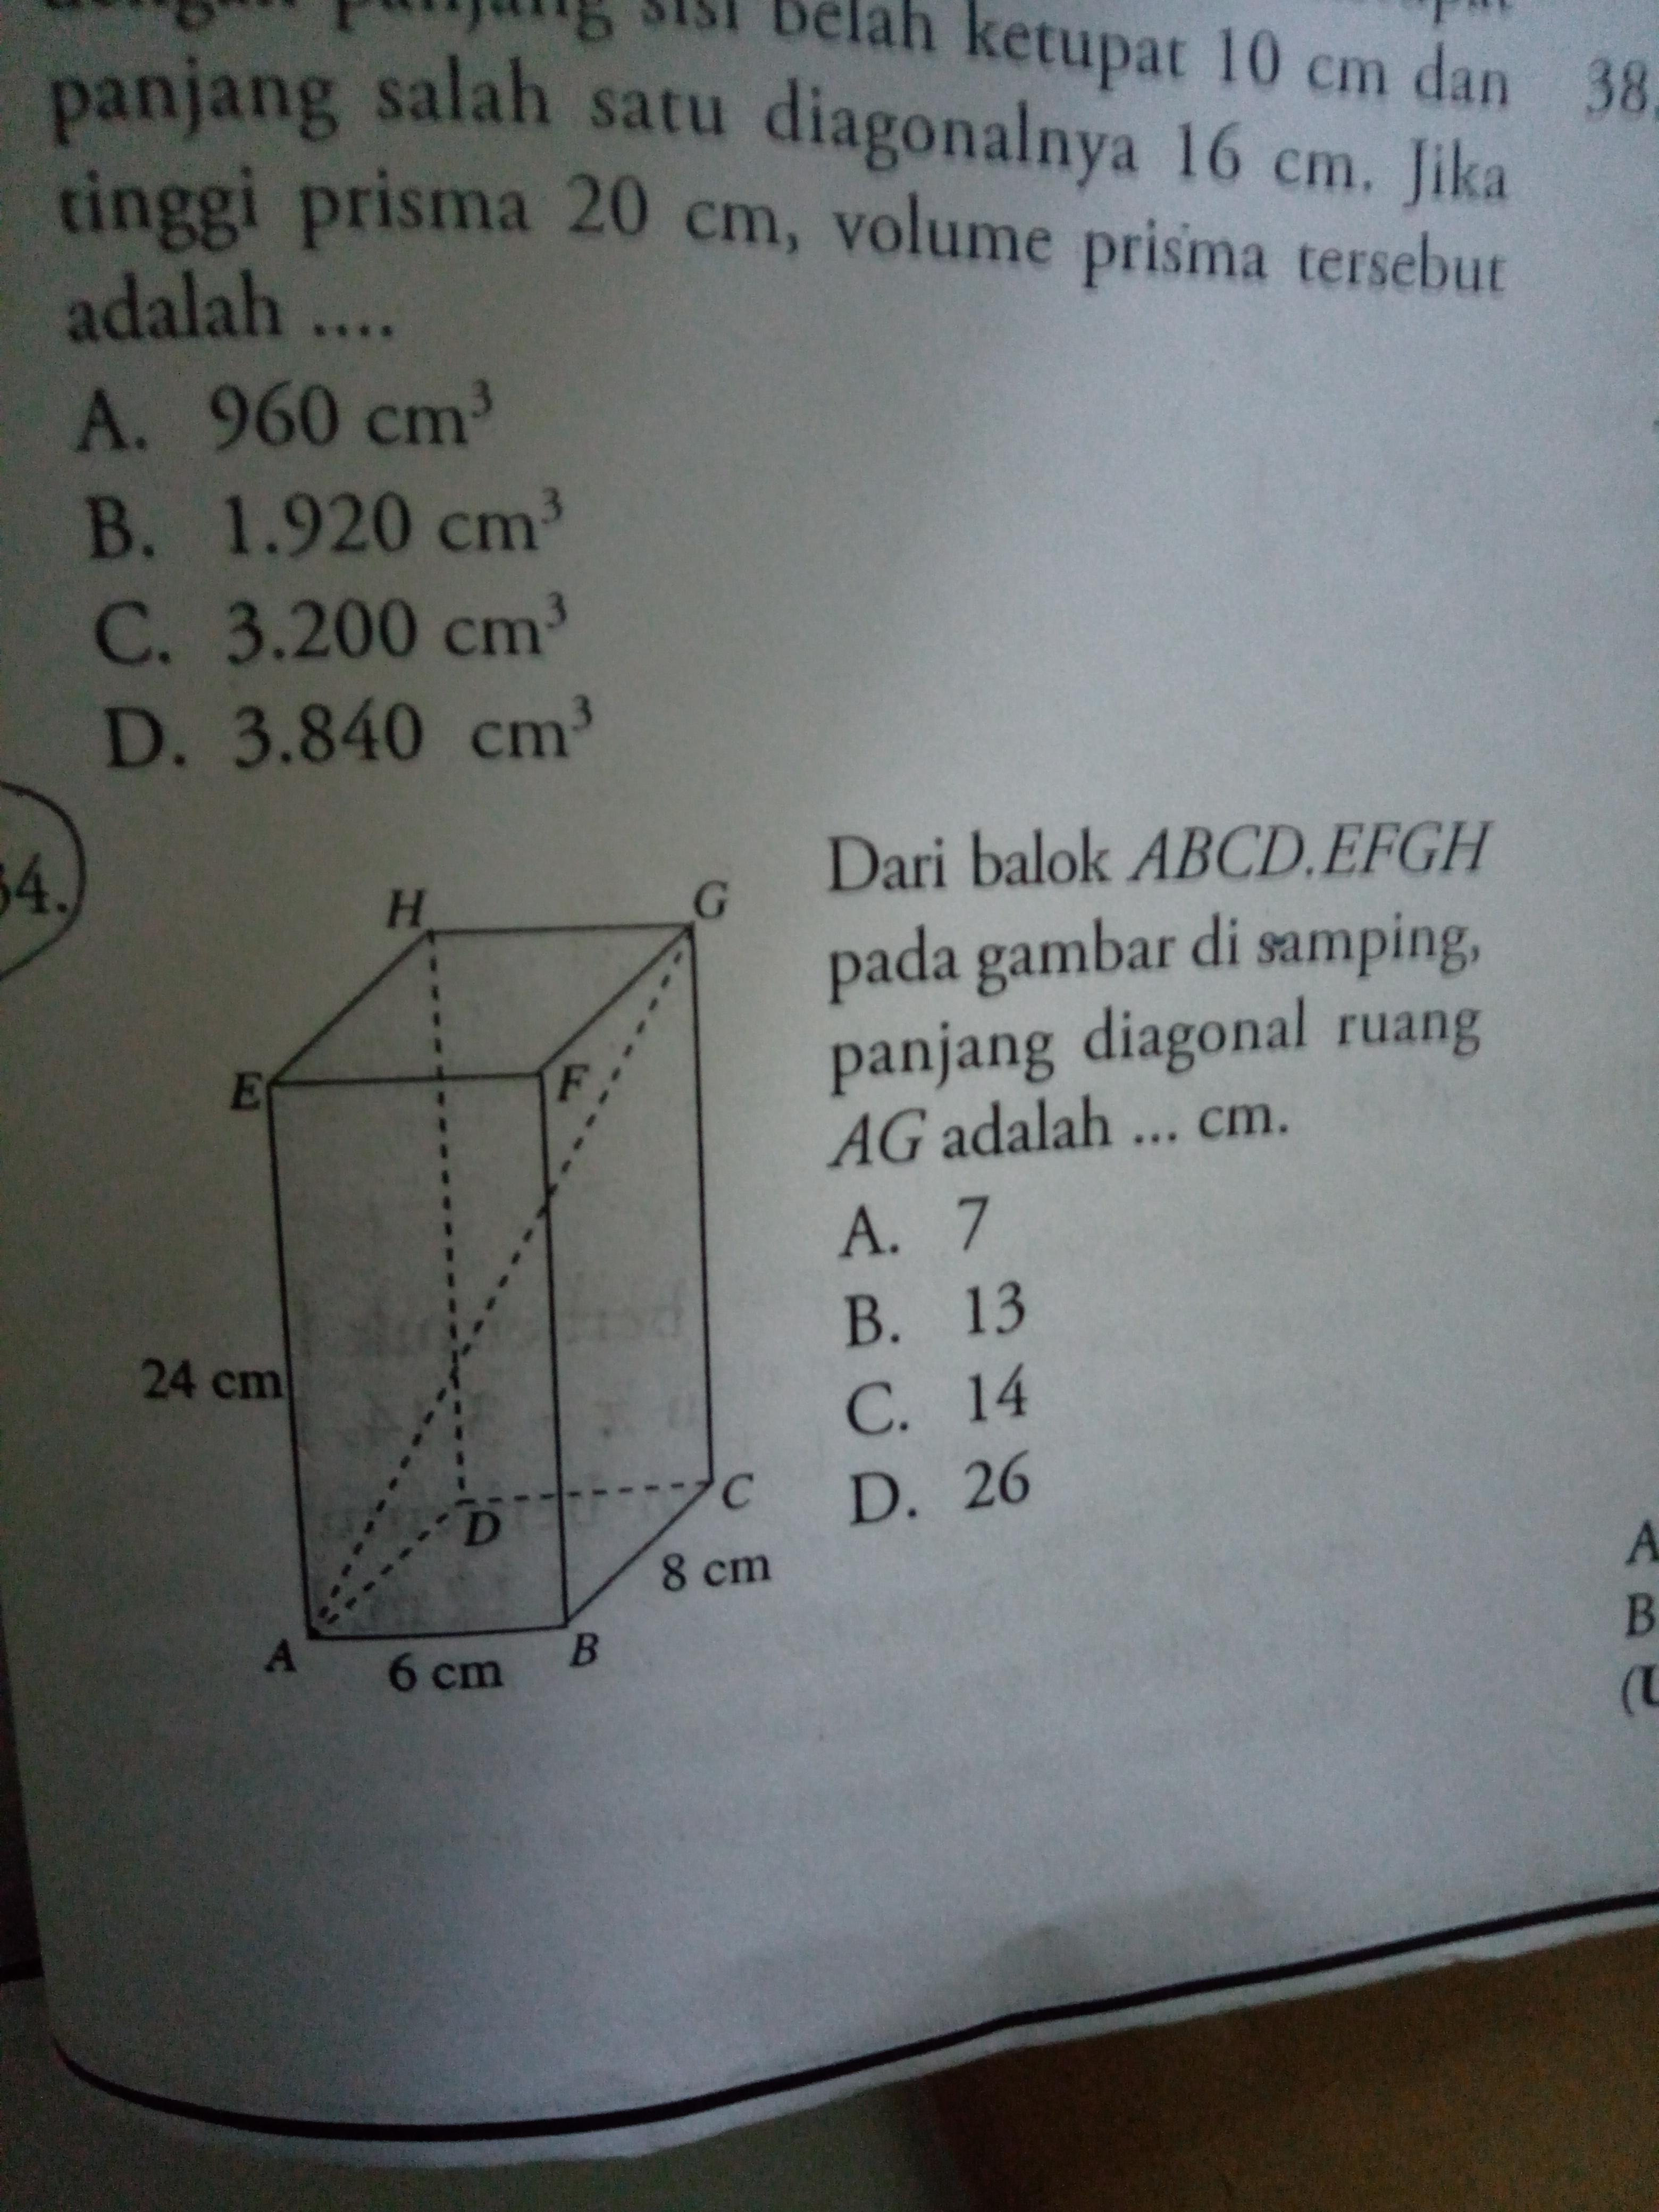 Dari balok abcdefgh pada gambar disamping panjang diagonal ruang ag dari balok abcdefgh pada gambar disamping panjang diagonal ruang ag adalah mohon bantu ccuart Image collections